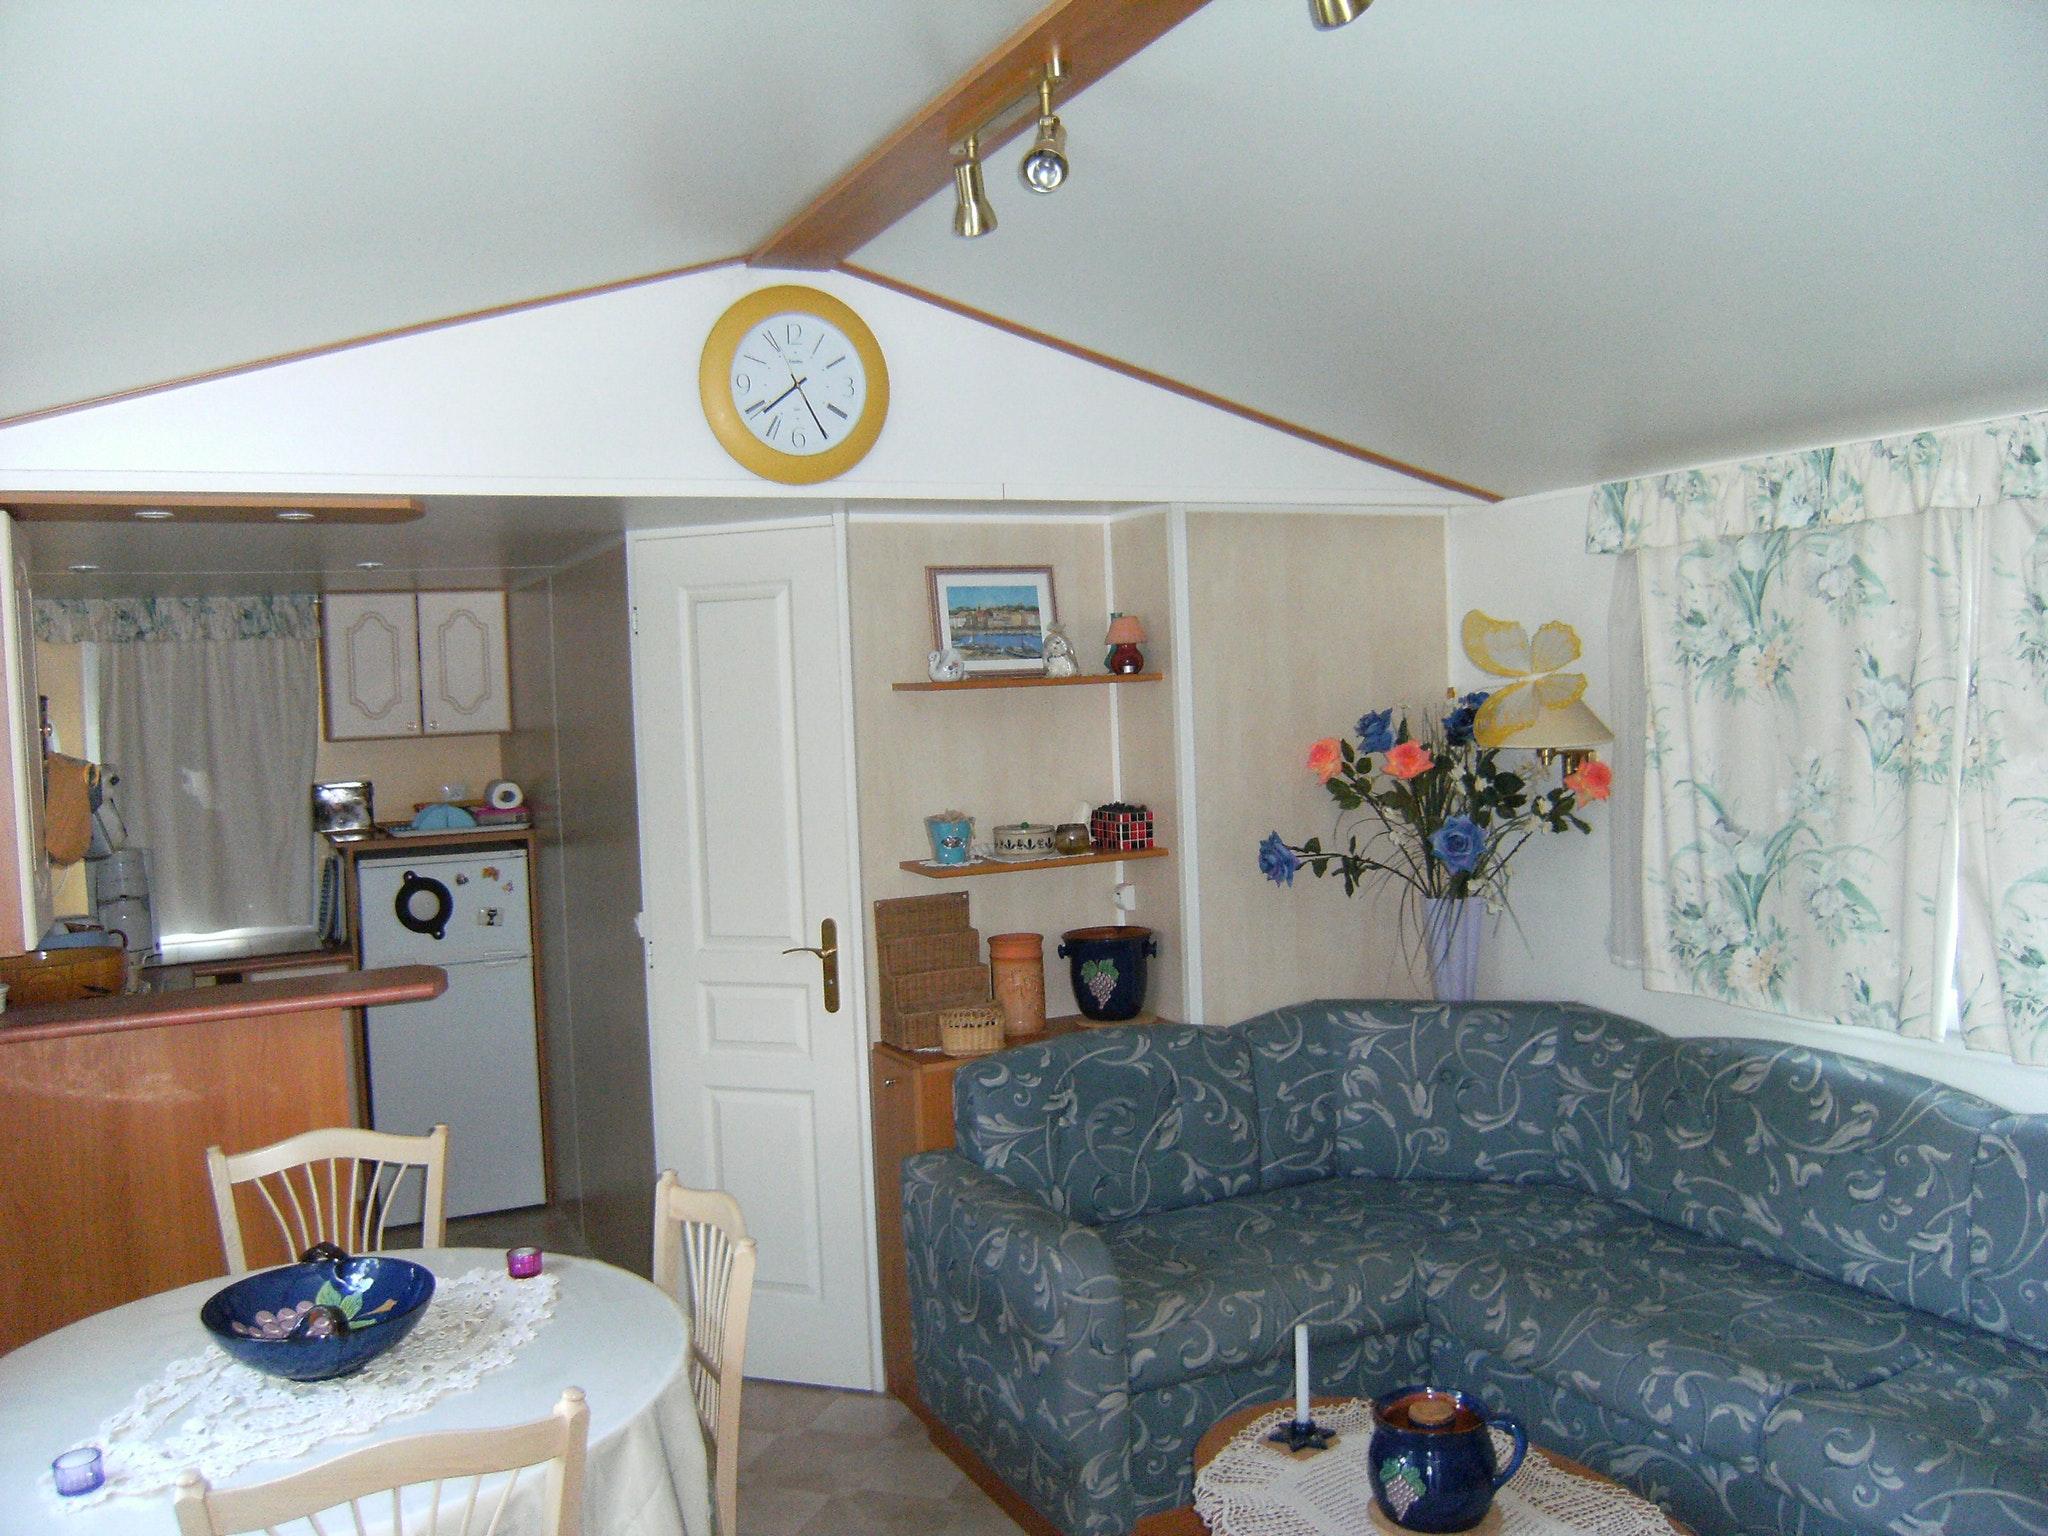 Maison de vacances Immobilie mit 2 Schlafzimmern in La Garde-Freinet mit toller Aussicht auf die Berge und ei (2644811), La Garde Freinet, Côte d'Azur, Provence - Alpes - Côte d'Azur, France, image 7